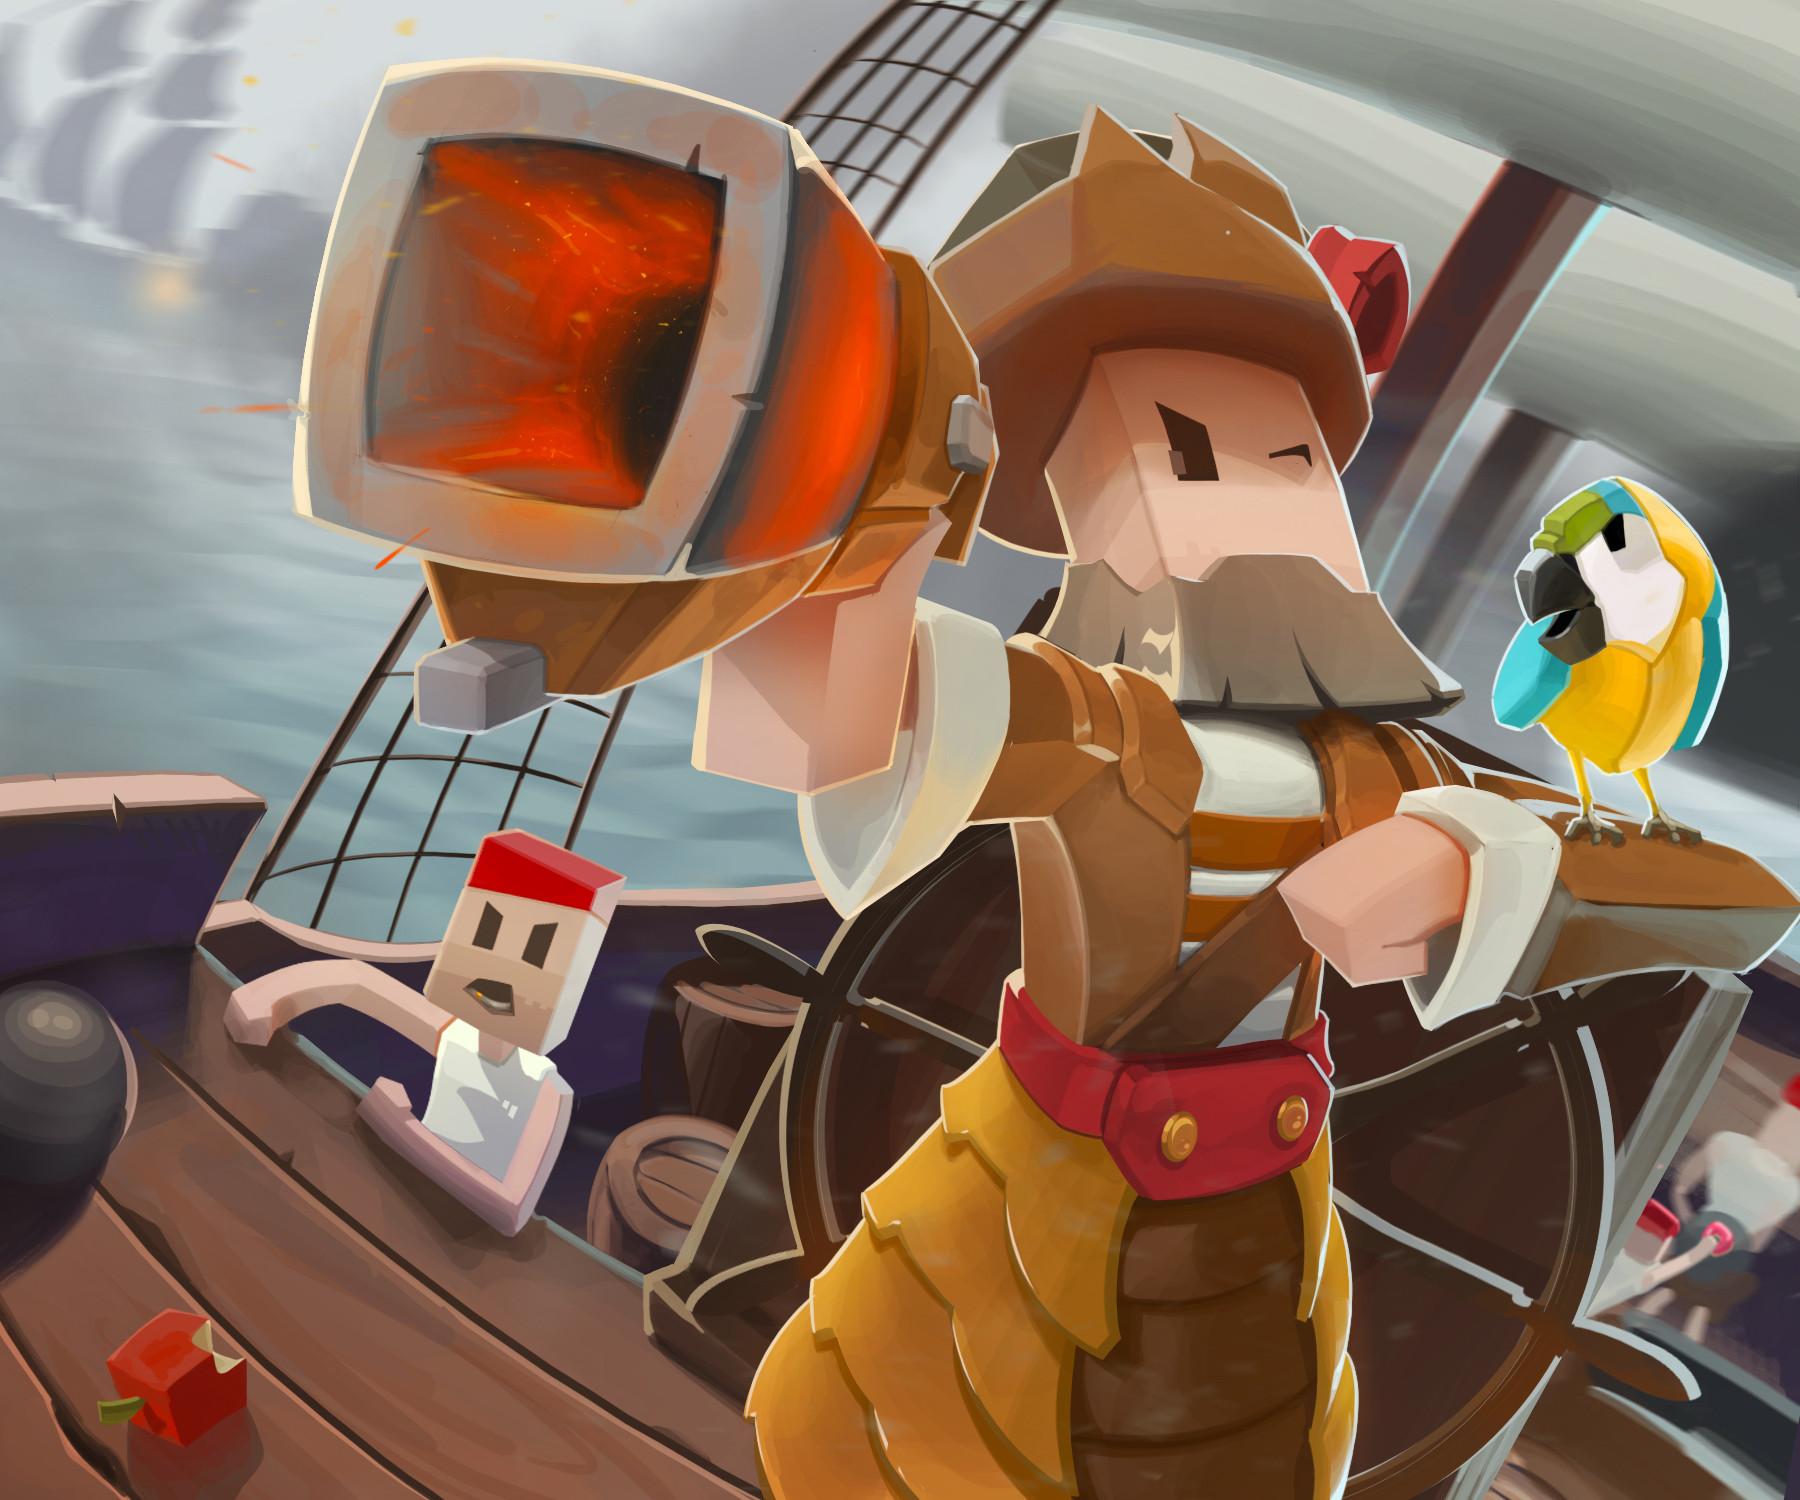 Nicolas morales pirates illustration doughnut